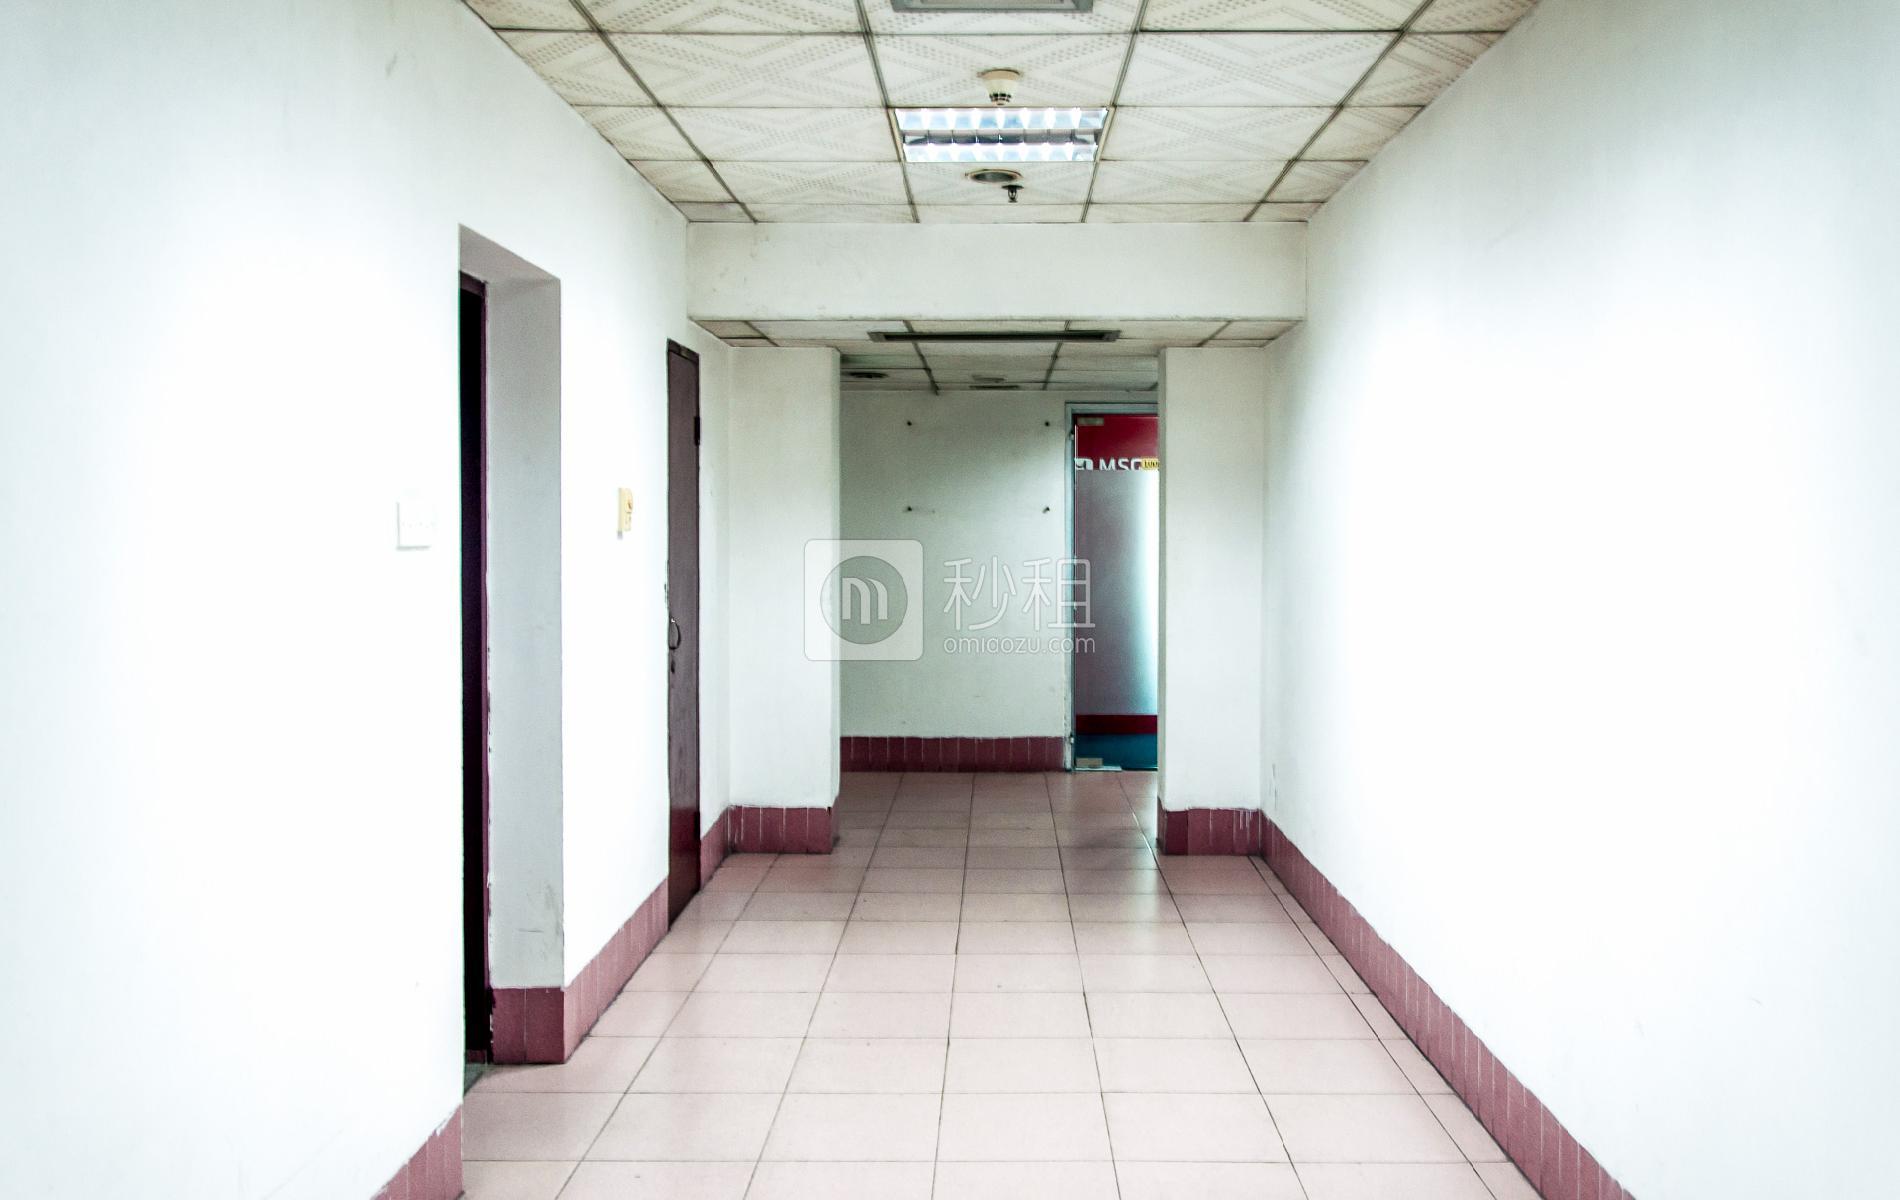 龙口科技大厦写字楼出租/招租/租赁,龙口科技大厦办公室出租/招租/租赁